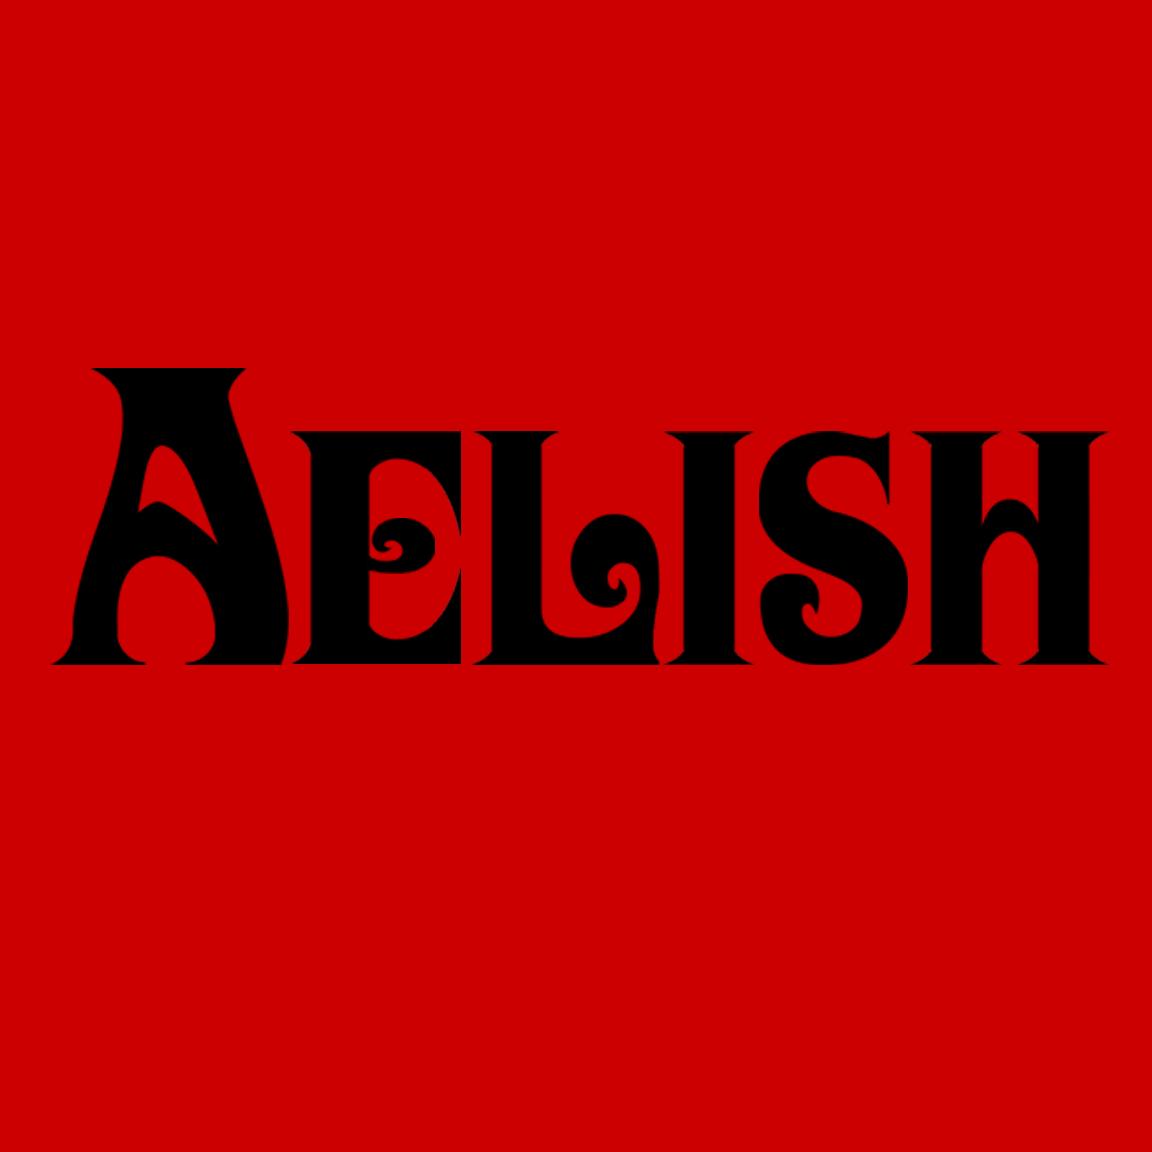 Aelish Store